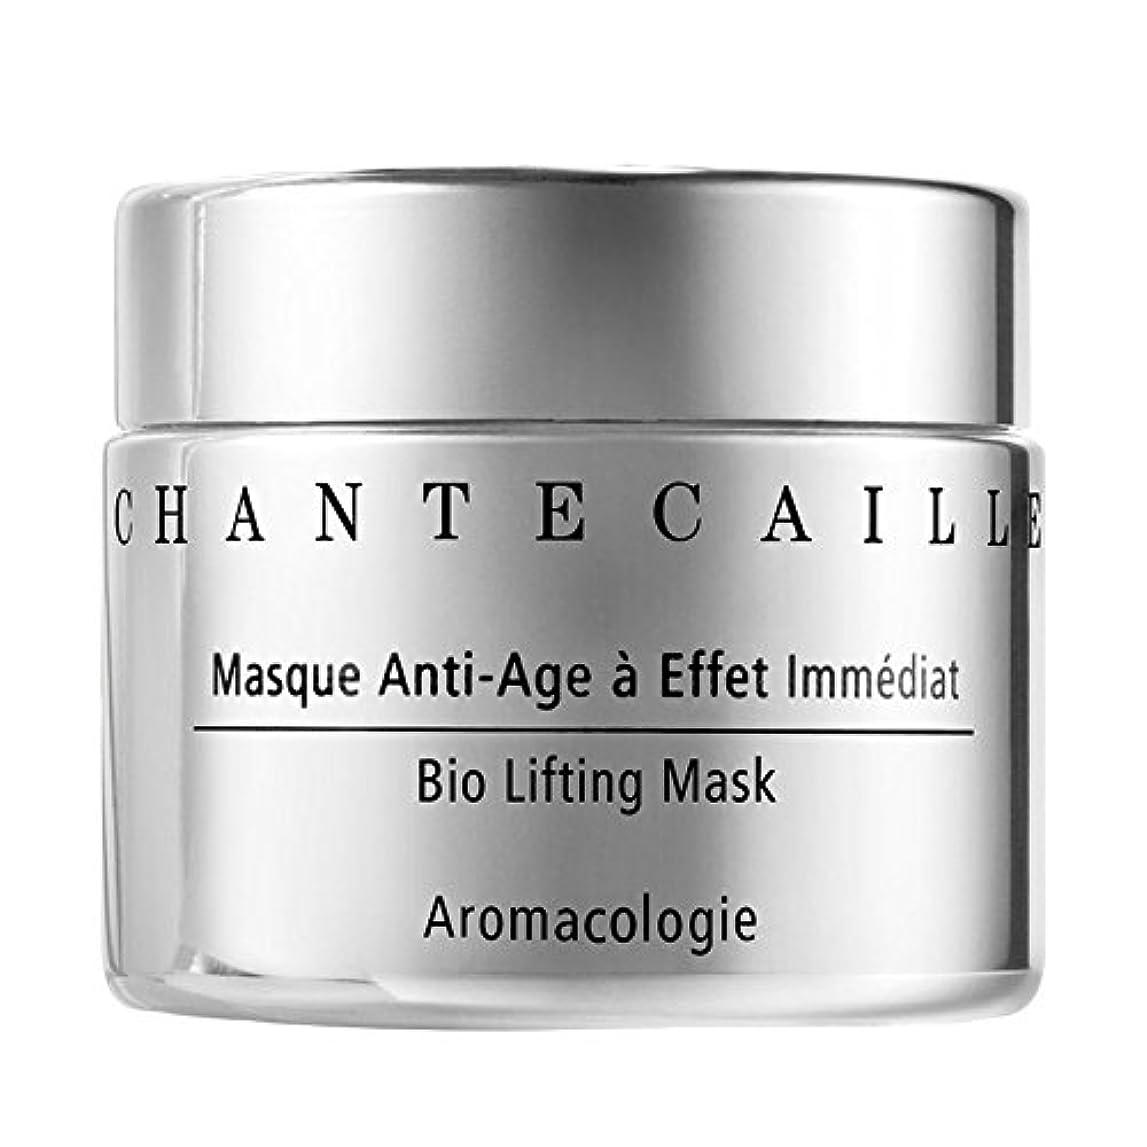 増強する免除する興奮シャンテカイユバイオダイナミックリフティングマスク x4 - Chantecaille Biodynamic Lifting Mask (Pack of 4) [並行輸入品]